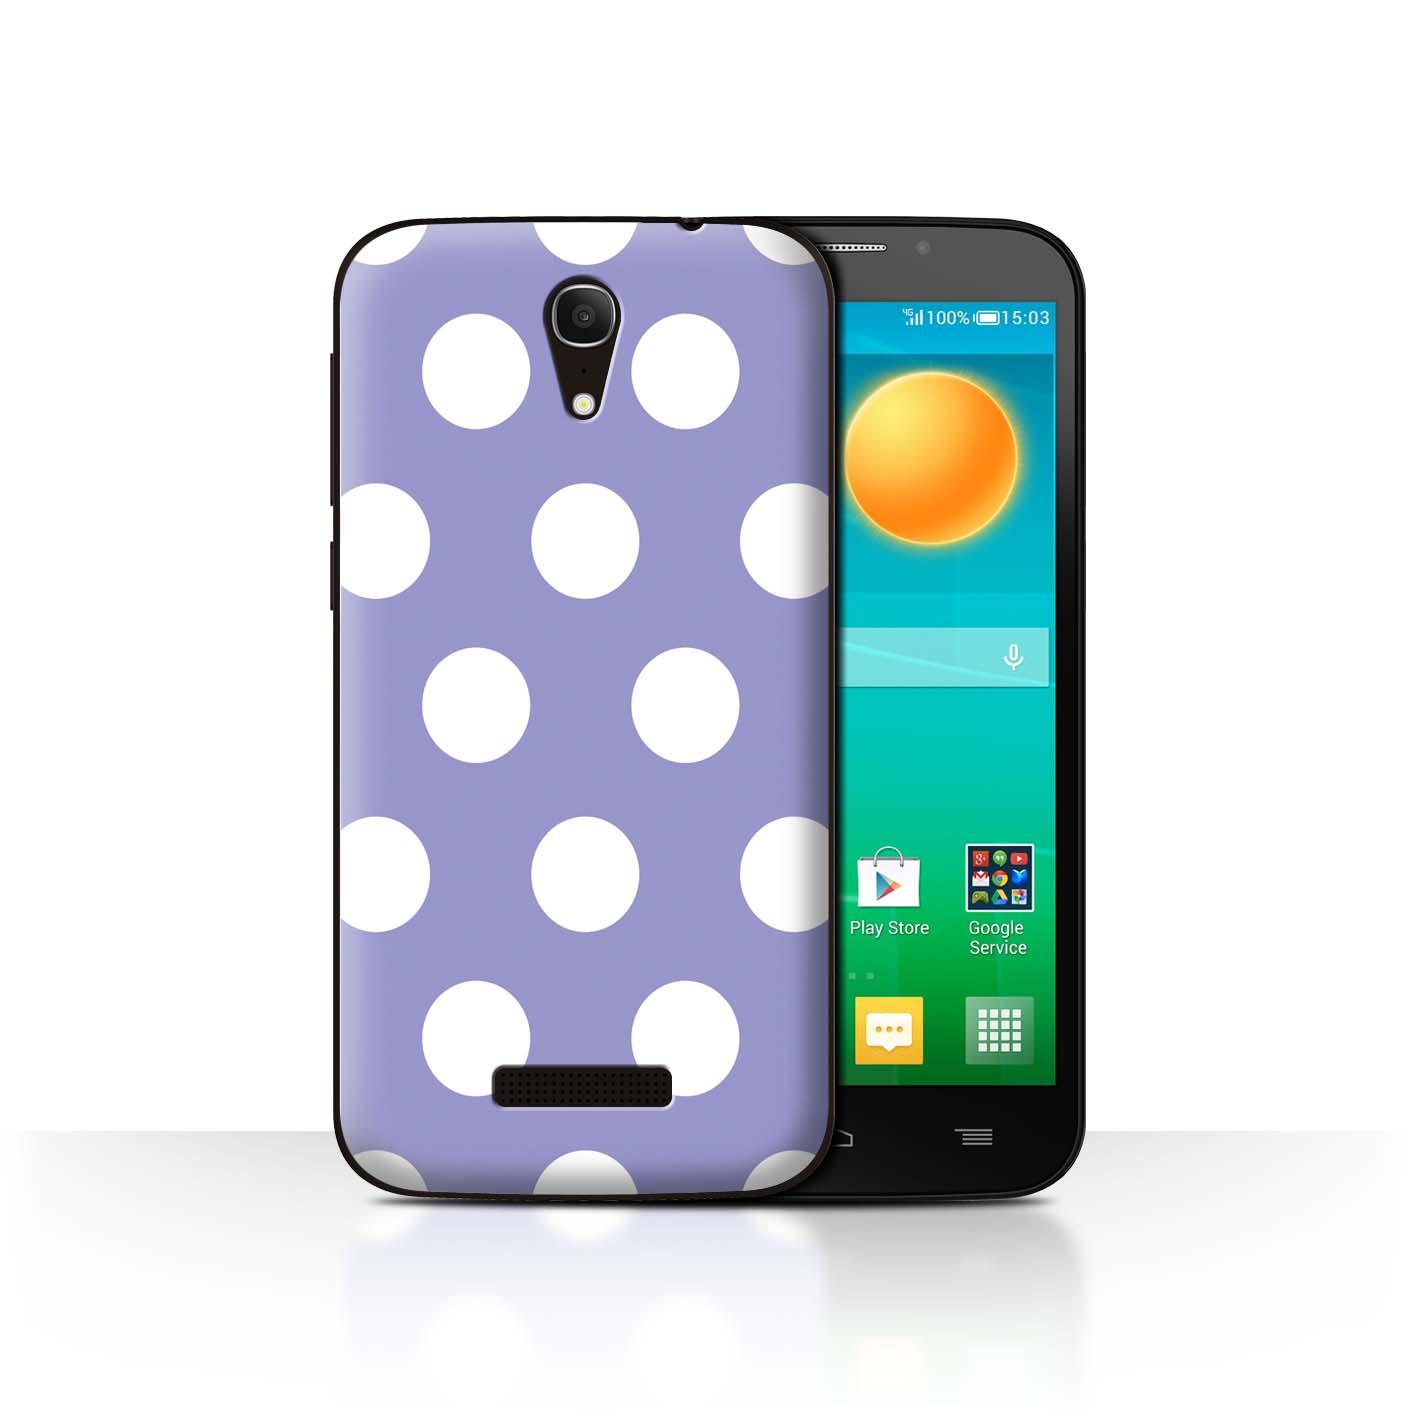 STUFF4-Back-Case-Cover-Skin-for-Alcatel-Pop-S7-Polka-Dot-Pattern